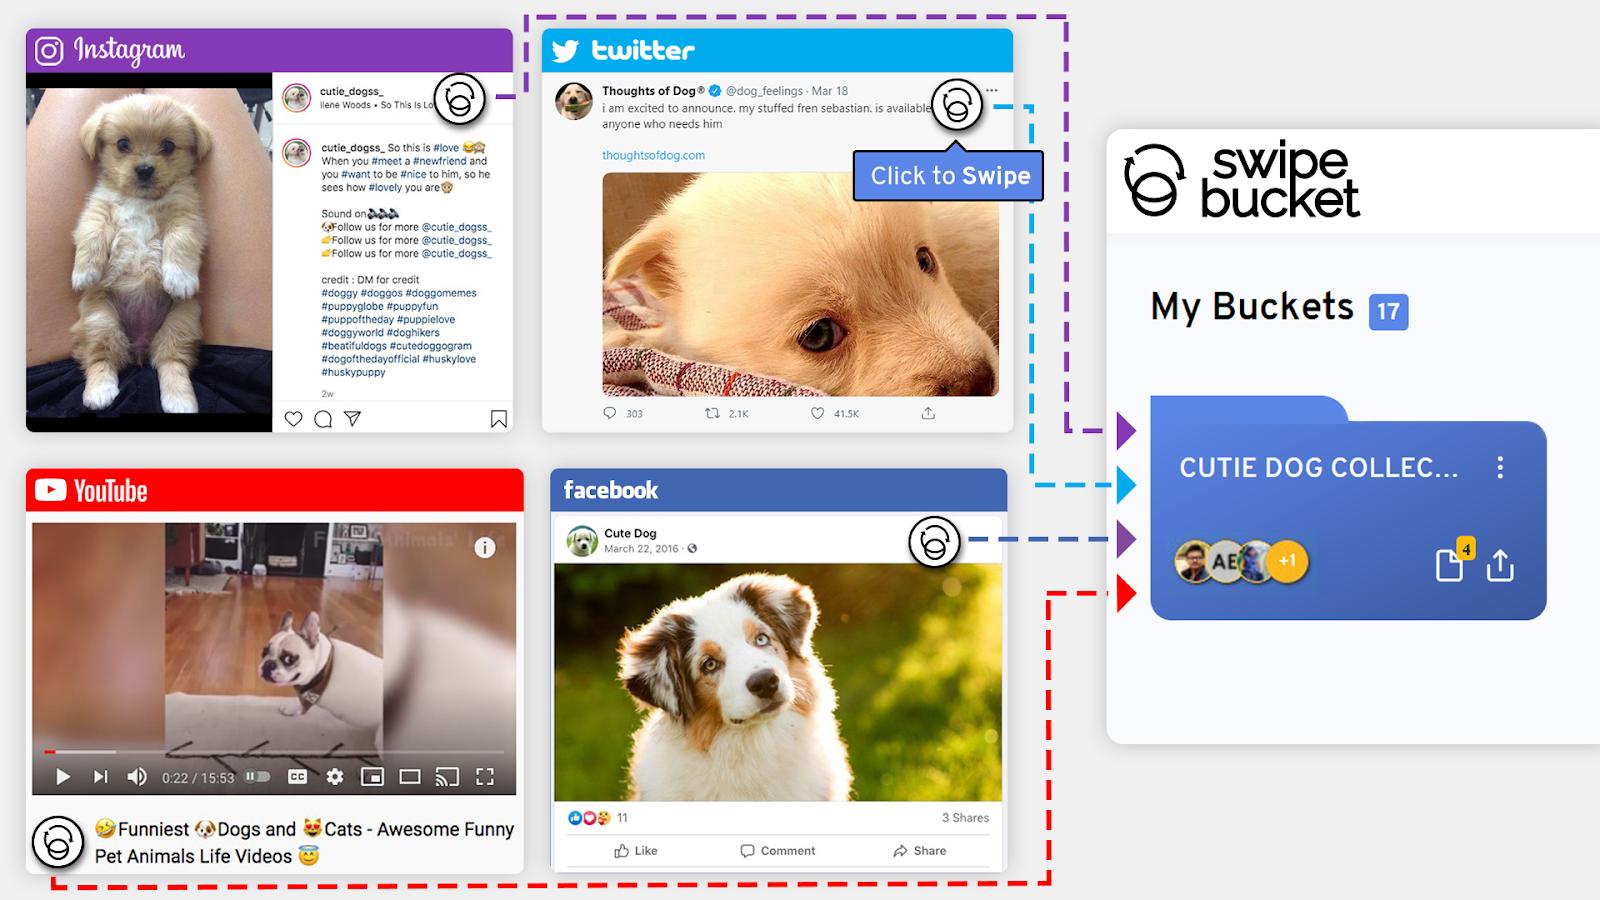 Facebook,Youtube, Instagram, Twitter swipe